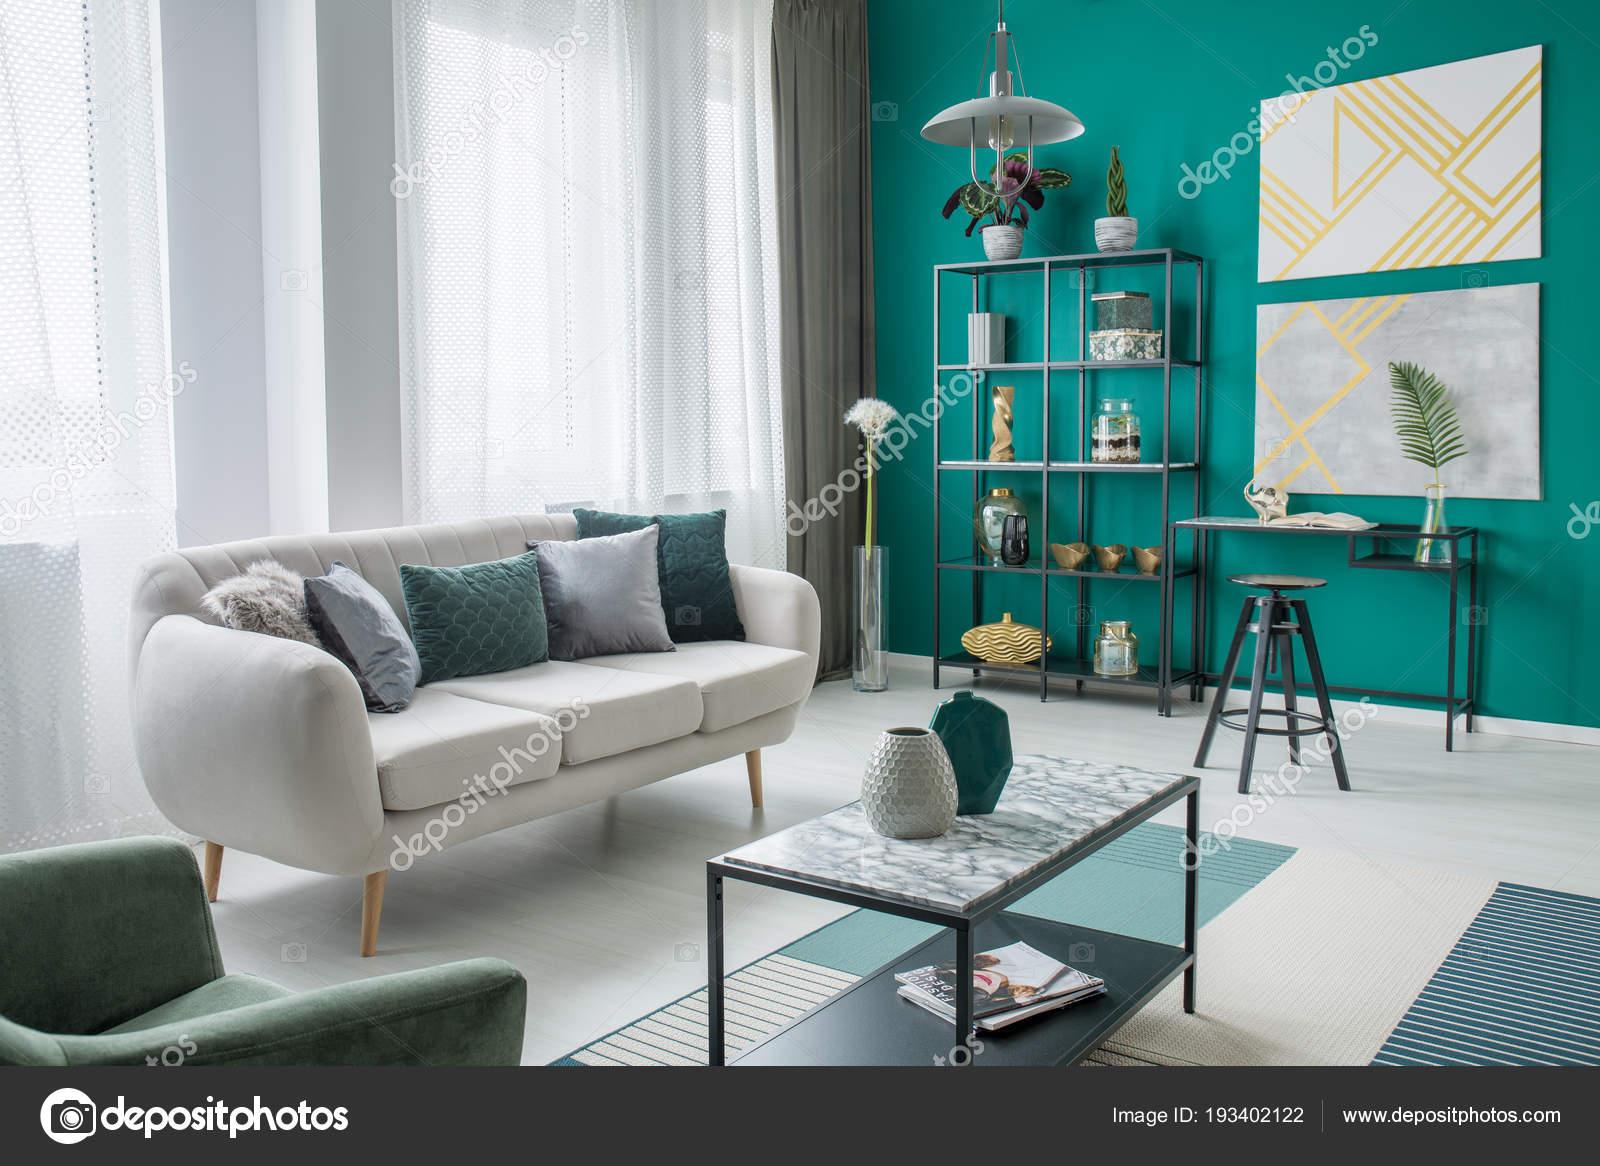 Groene Wand Woonkamer : Gouden posters groene muur gezellige woonkamer interieur met beige